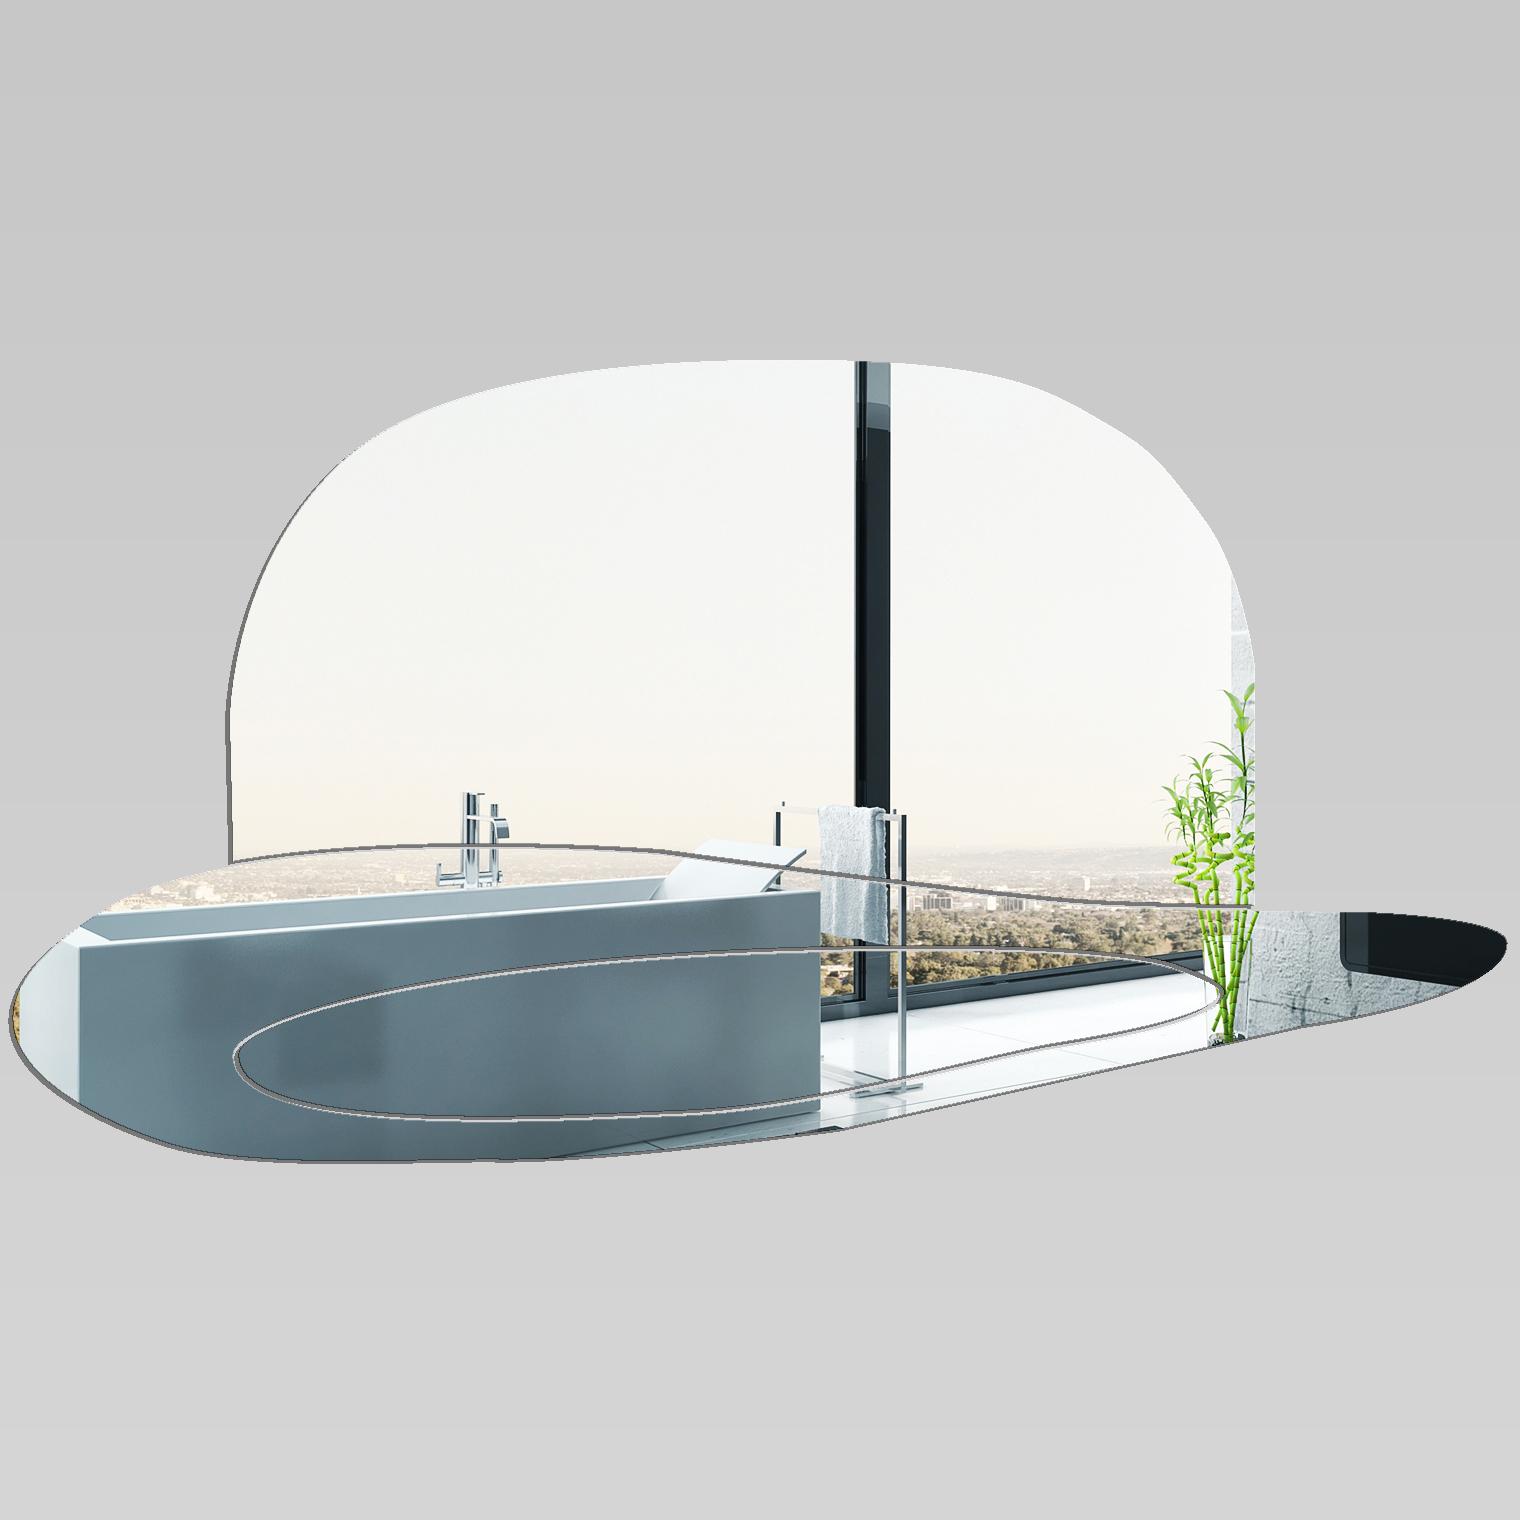 Miroir plexiglass acrylique chapeau 2 pas cher for Miroir acrylique